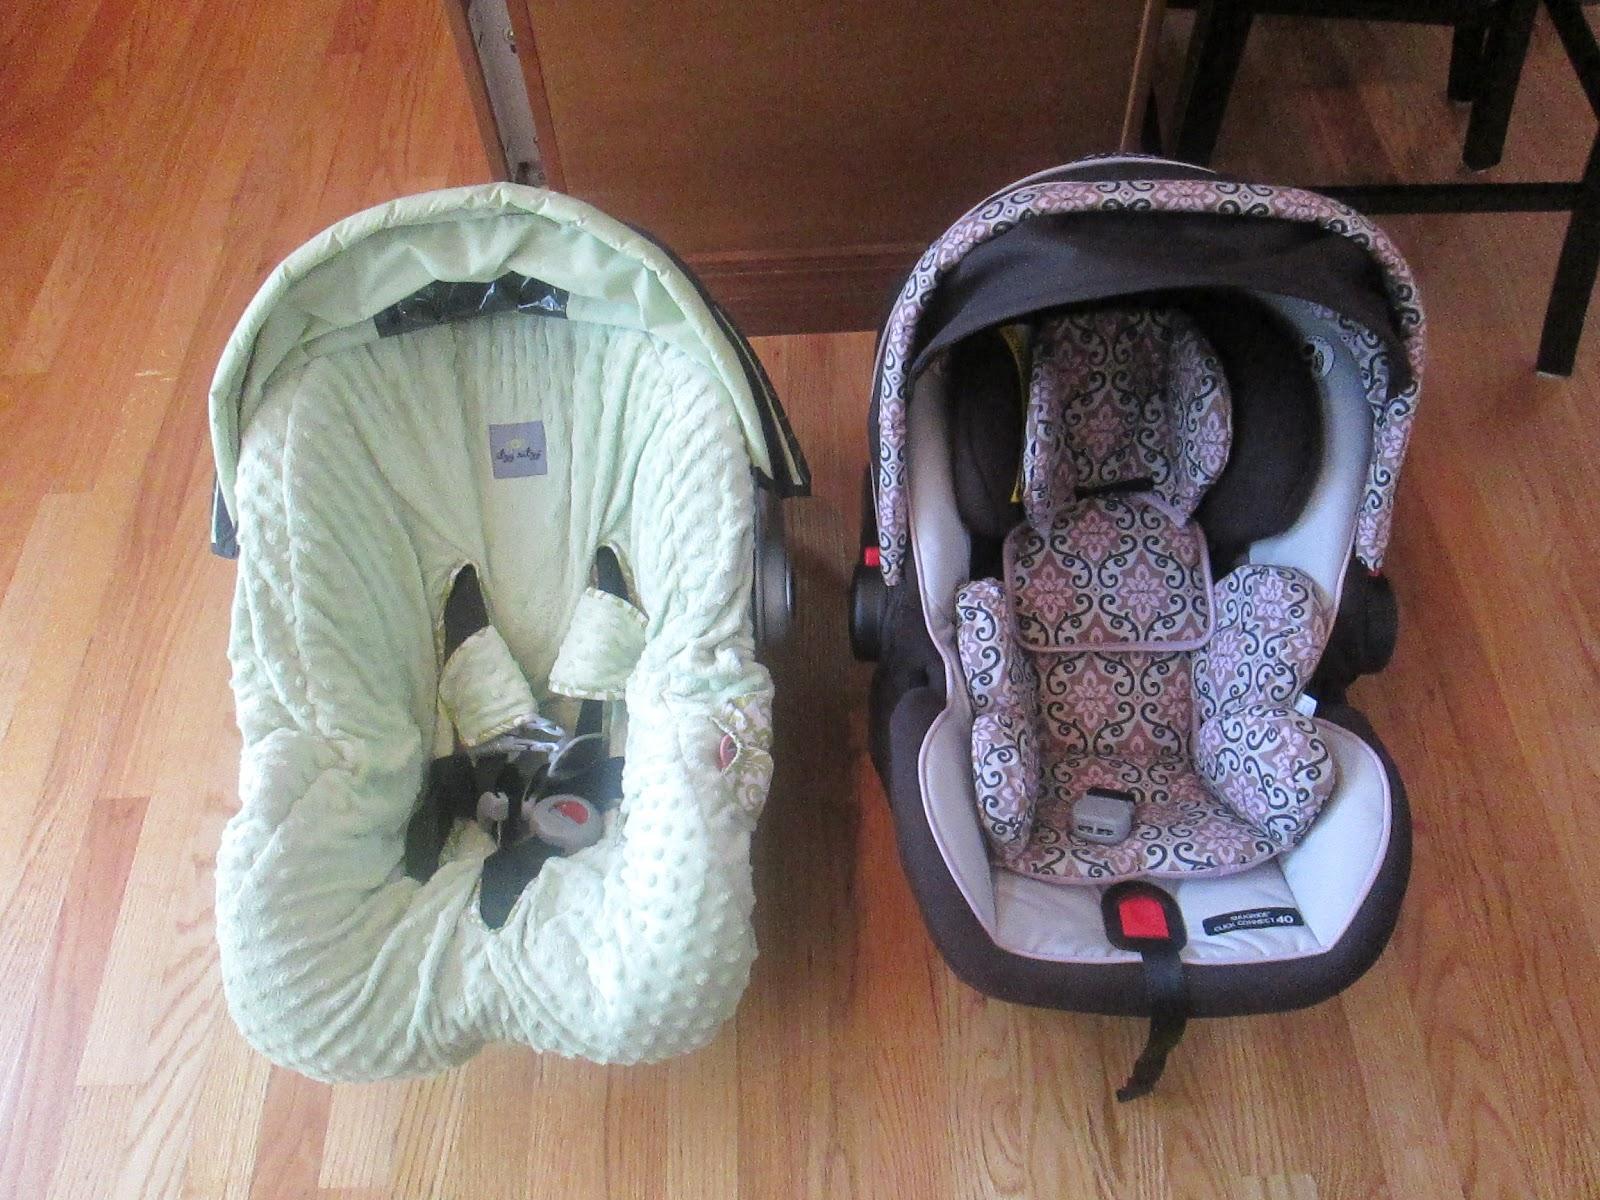 Boston Baby Mama: The Graco SnugRide Click Connect 40